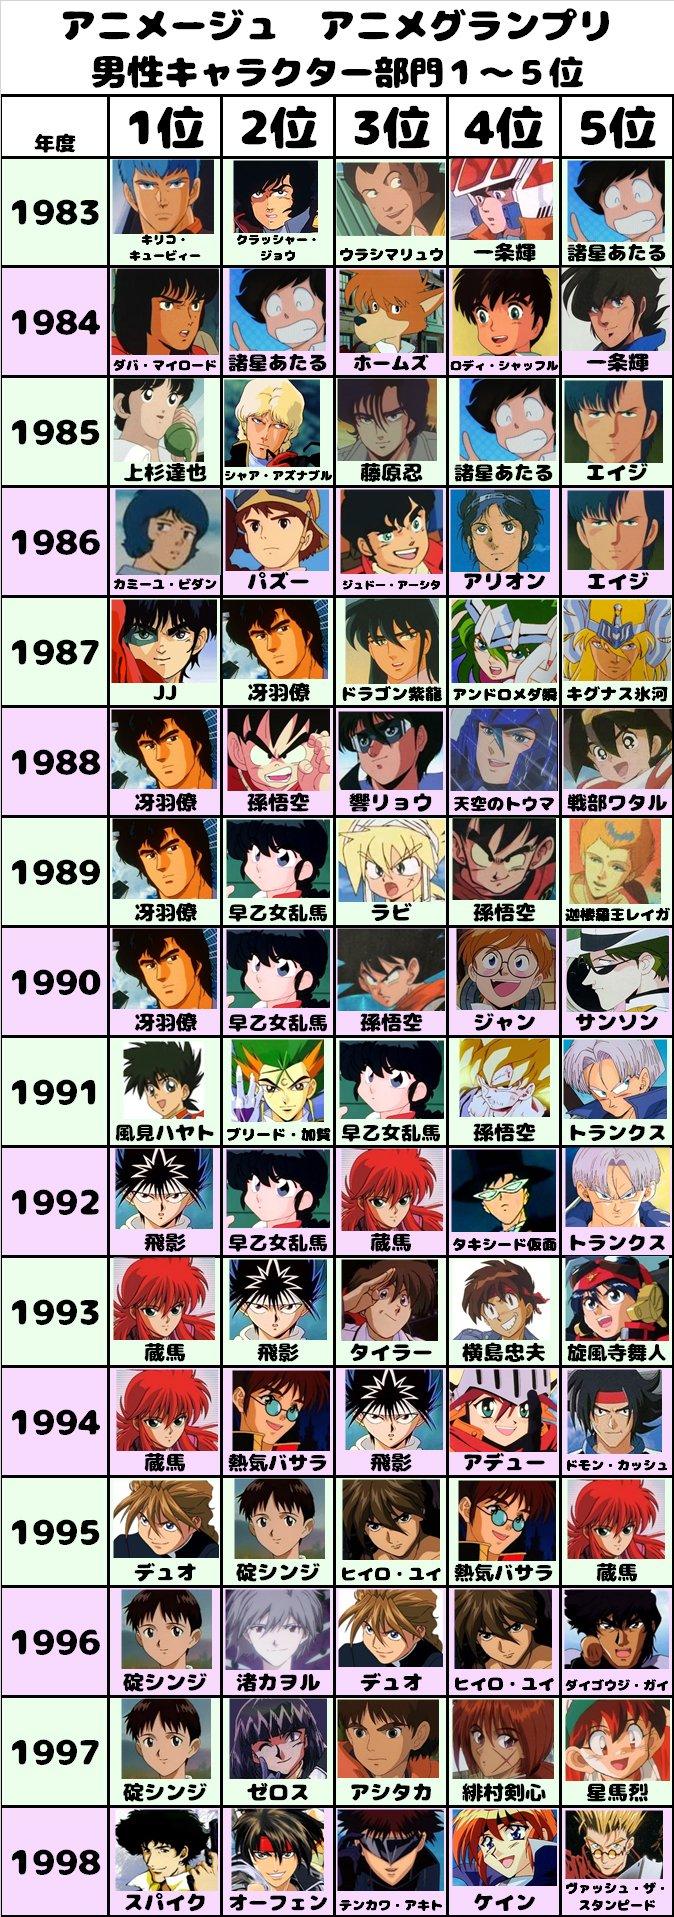 アニメージュのアニメグランプリ、1983~2016年にかけての33年分の男子キャラ、女子キャラの1位~5位のまとめです。